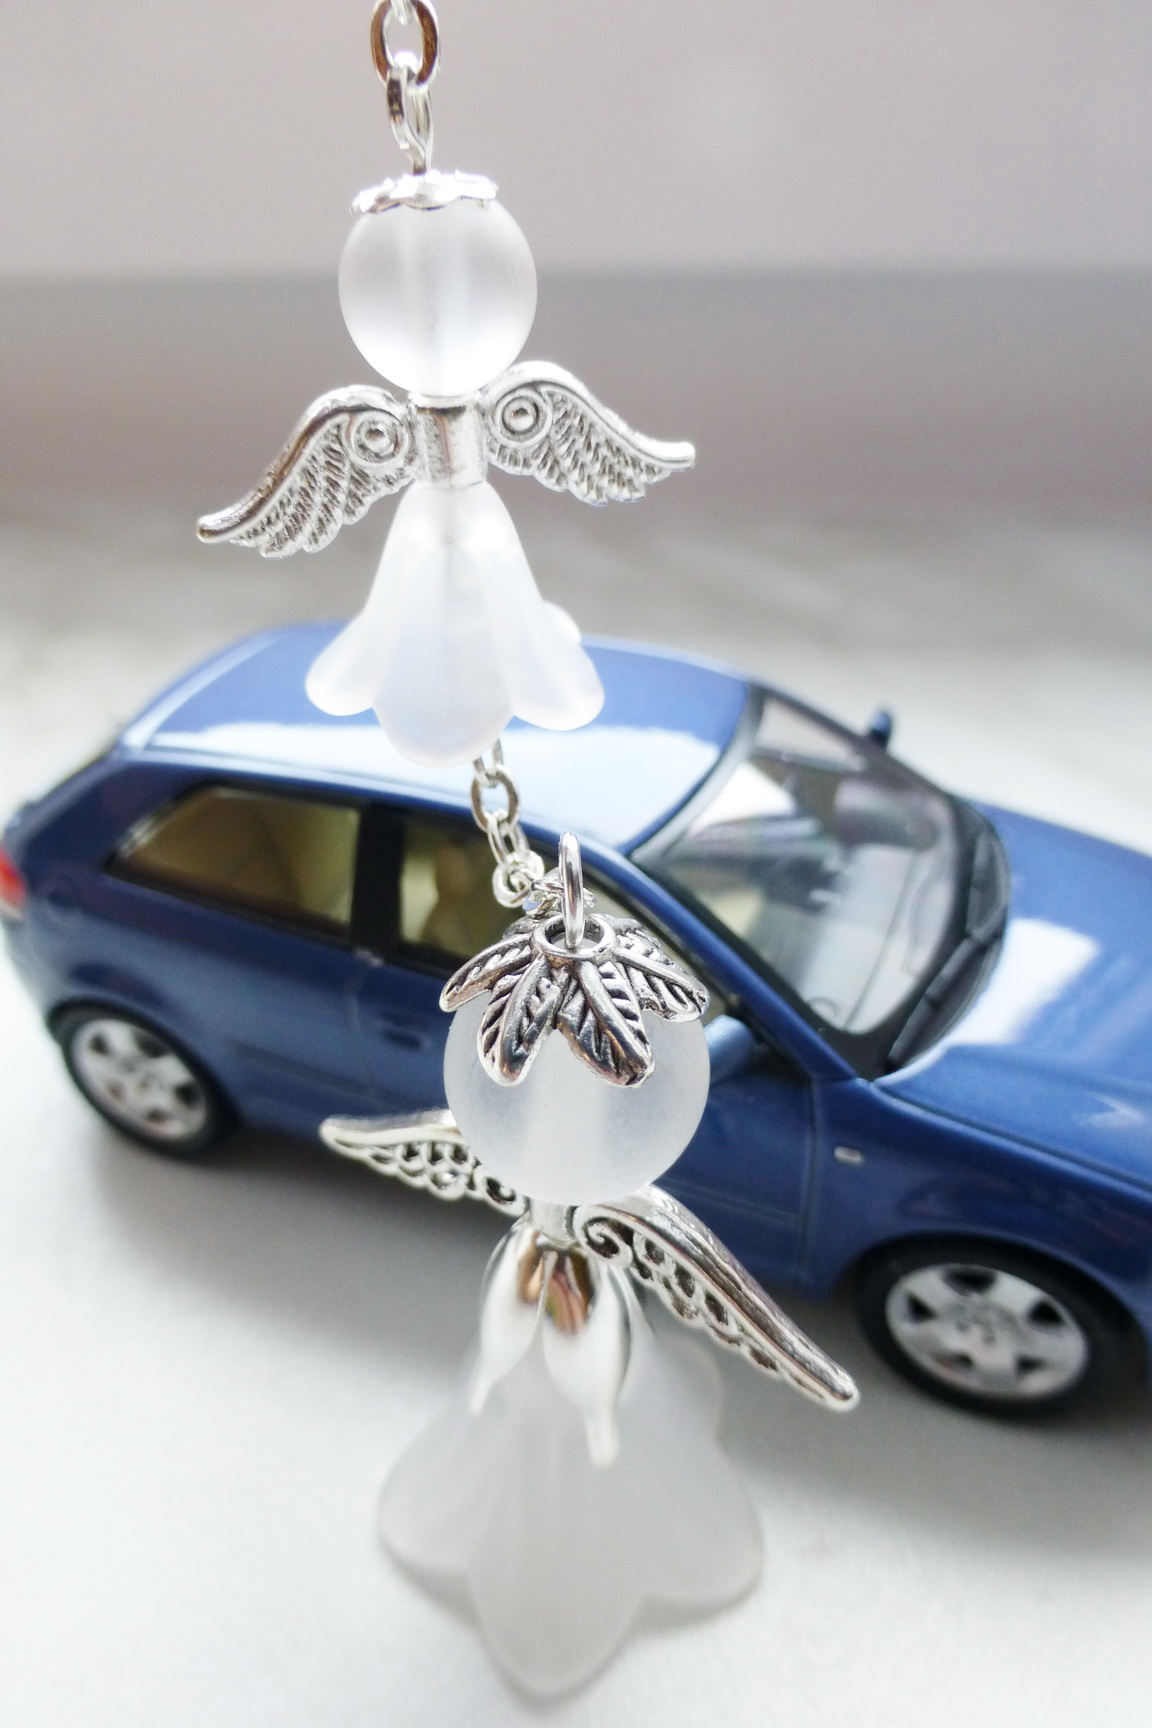 Přívěsek na zrcátko do auta - dvojice andílků   Zboží prodejce Fajka ... 3c78f3b9275